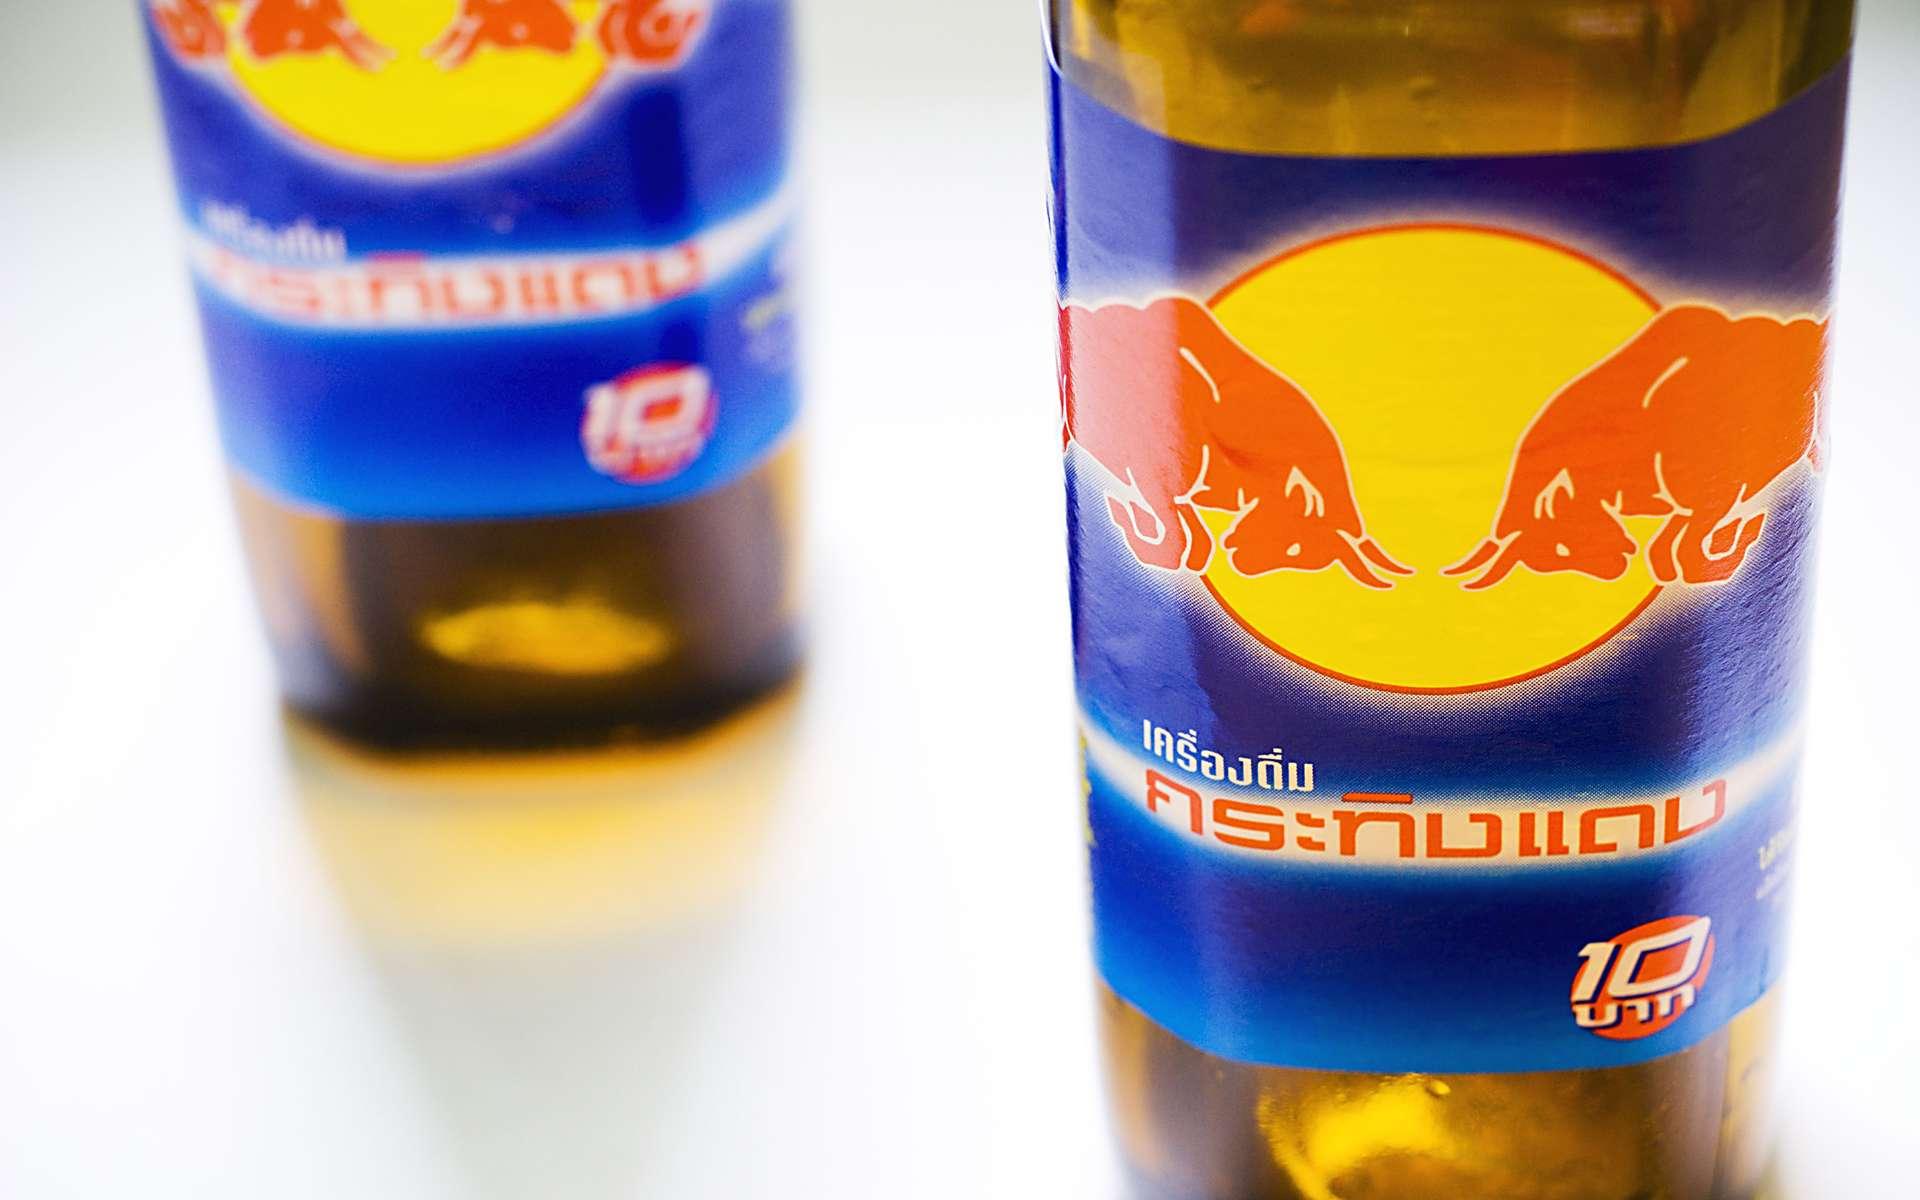 Les boissons énergisantes sont dans le viseur de l'Anses, car des problèmes cardiaques vraisemblablement liés à leur consommation ont été signalés. © Compscigrad, Fotopédia, cc by nc sa 2.0